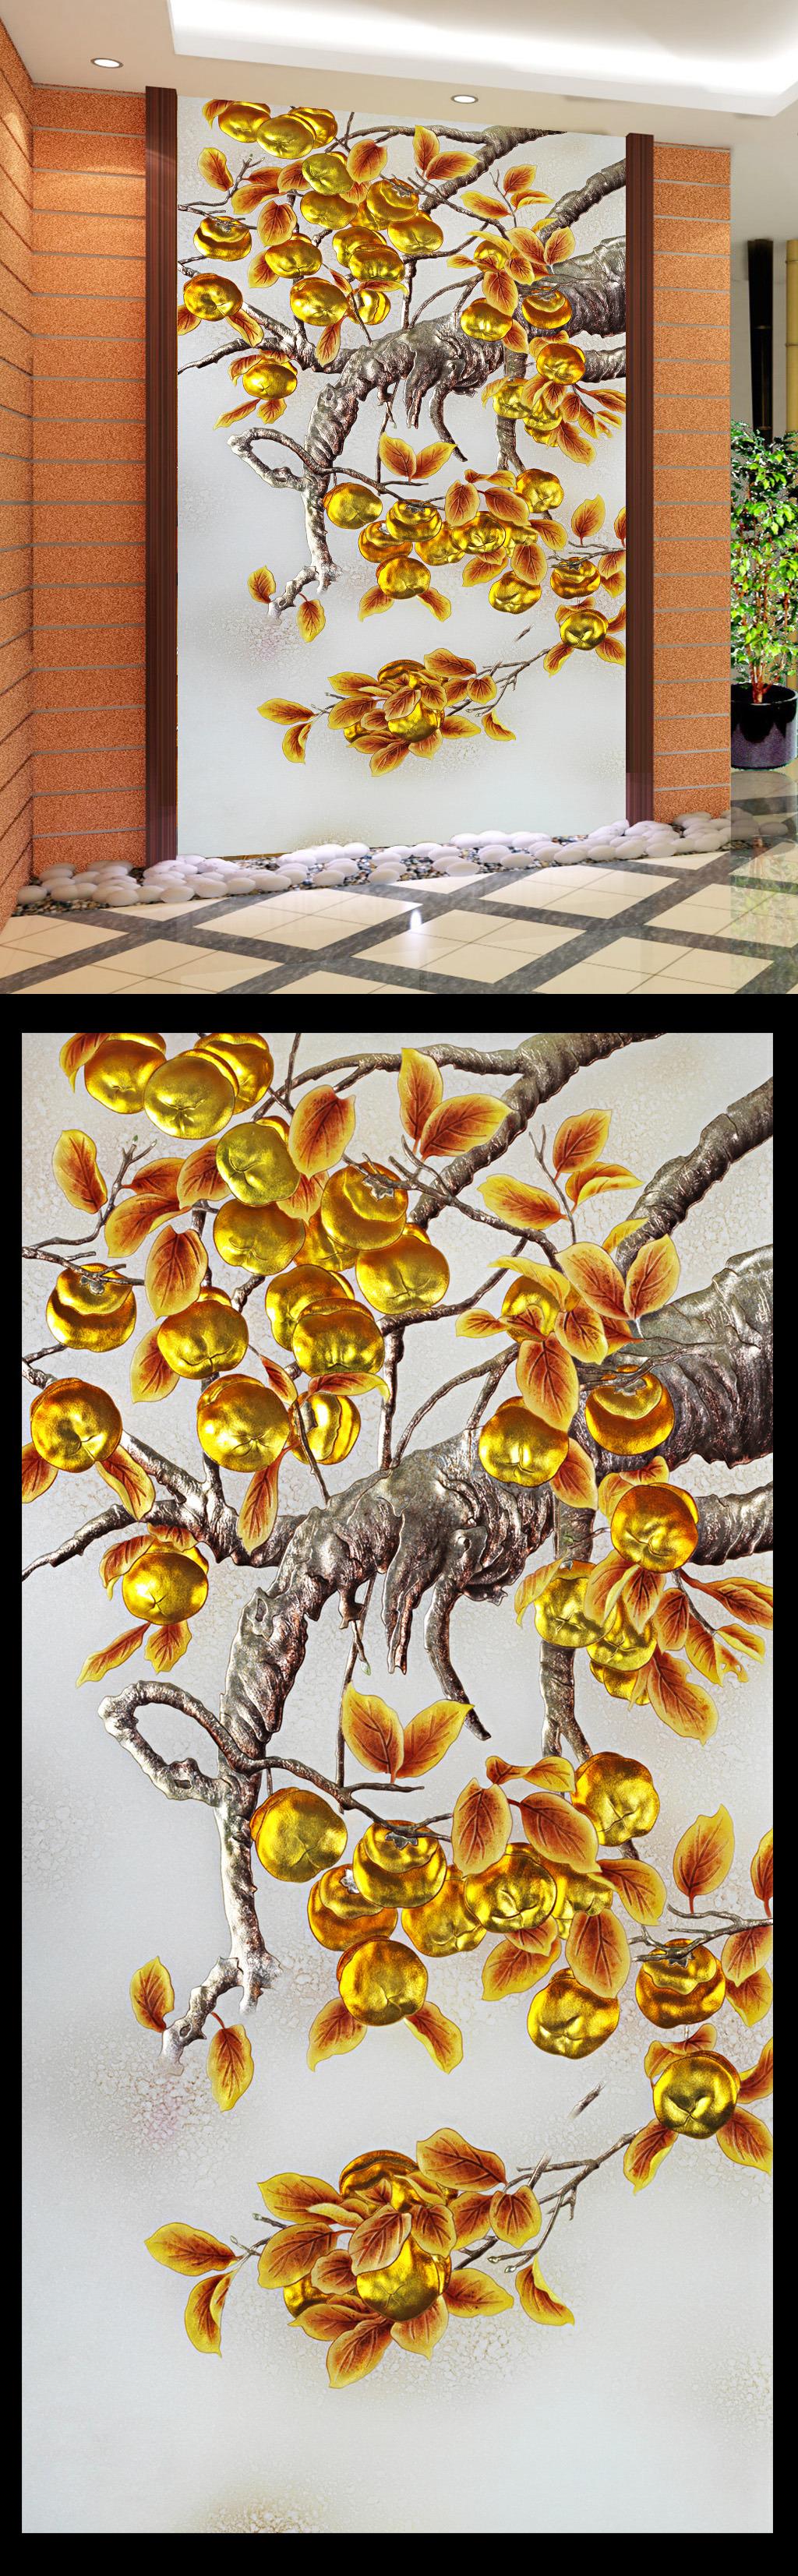 浮雕玄关设计彩雕玻璃客厅壁画效果图